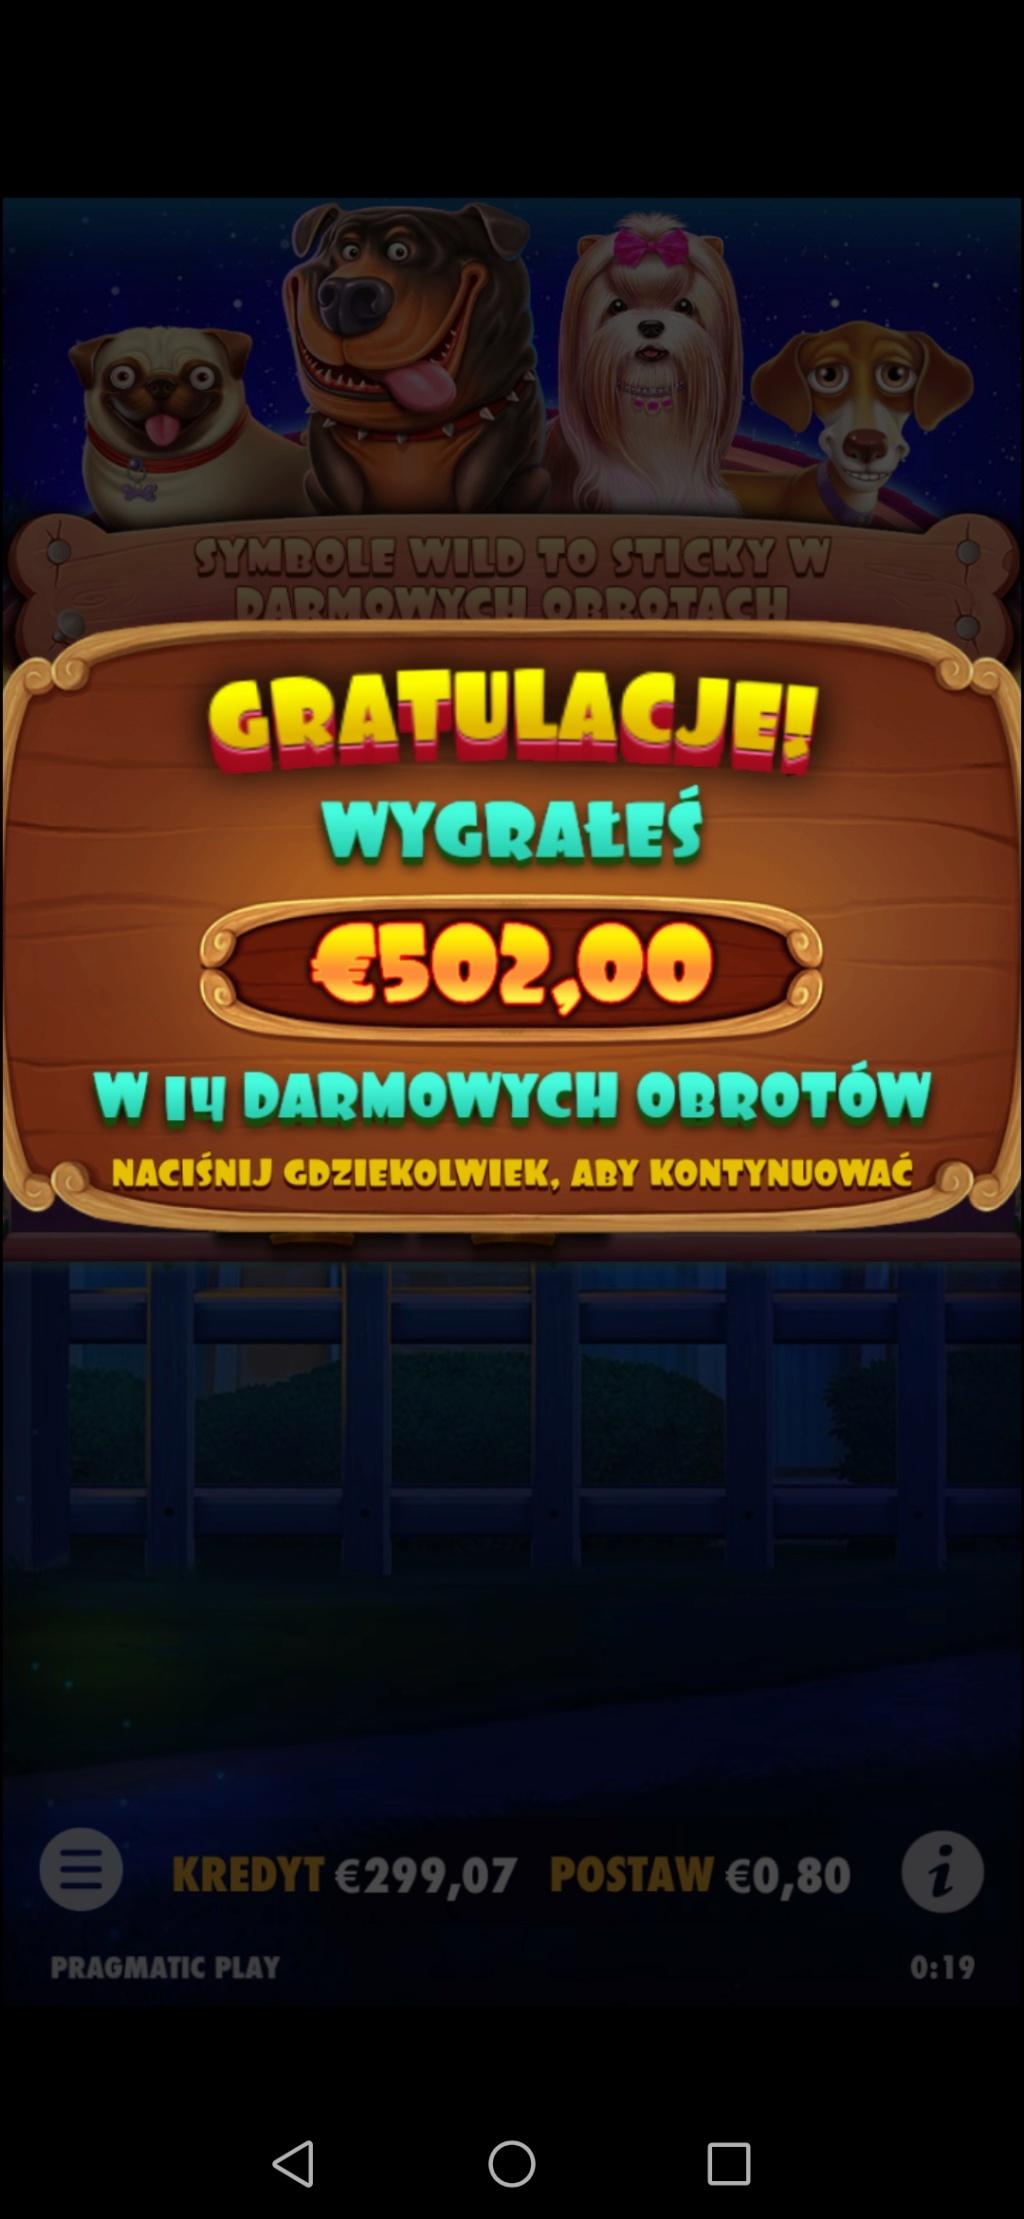 Screenshoty naszych wygranych (minimum 200zł - 50 euro) - kasyno - Page 37 Screen15